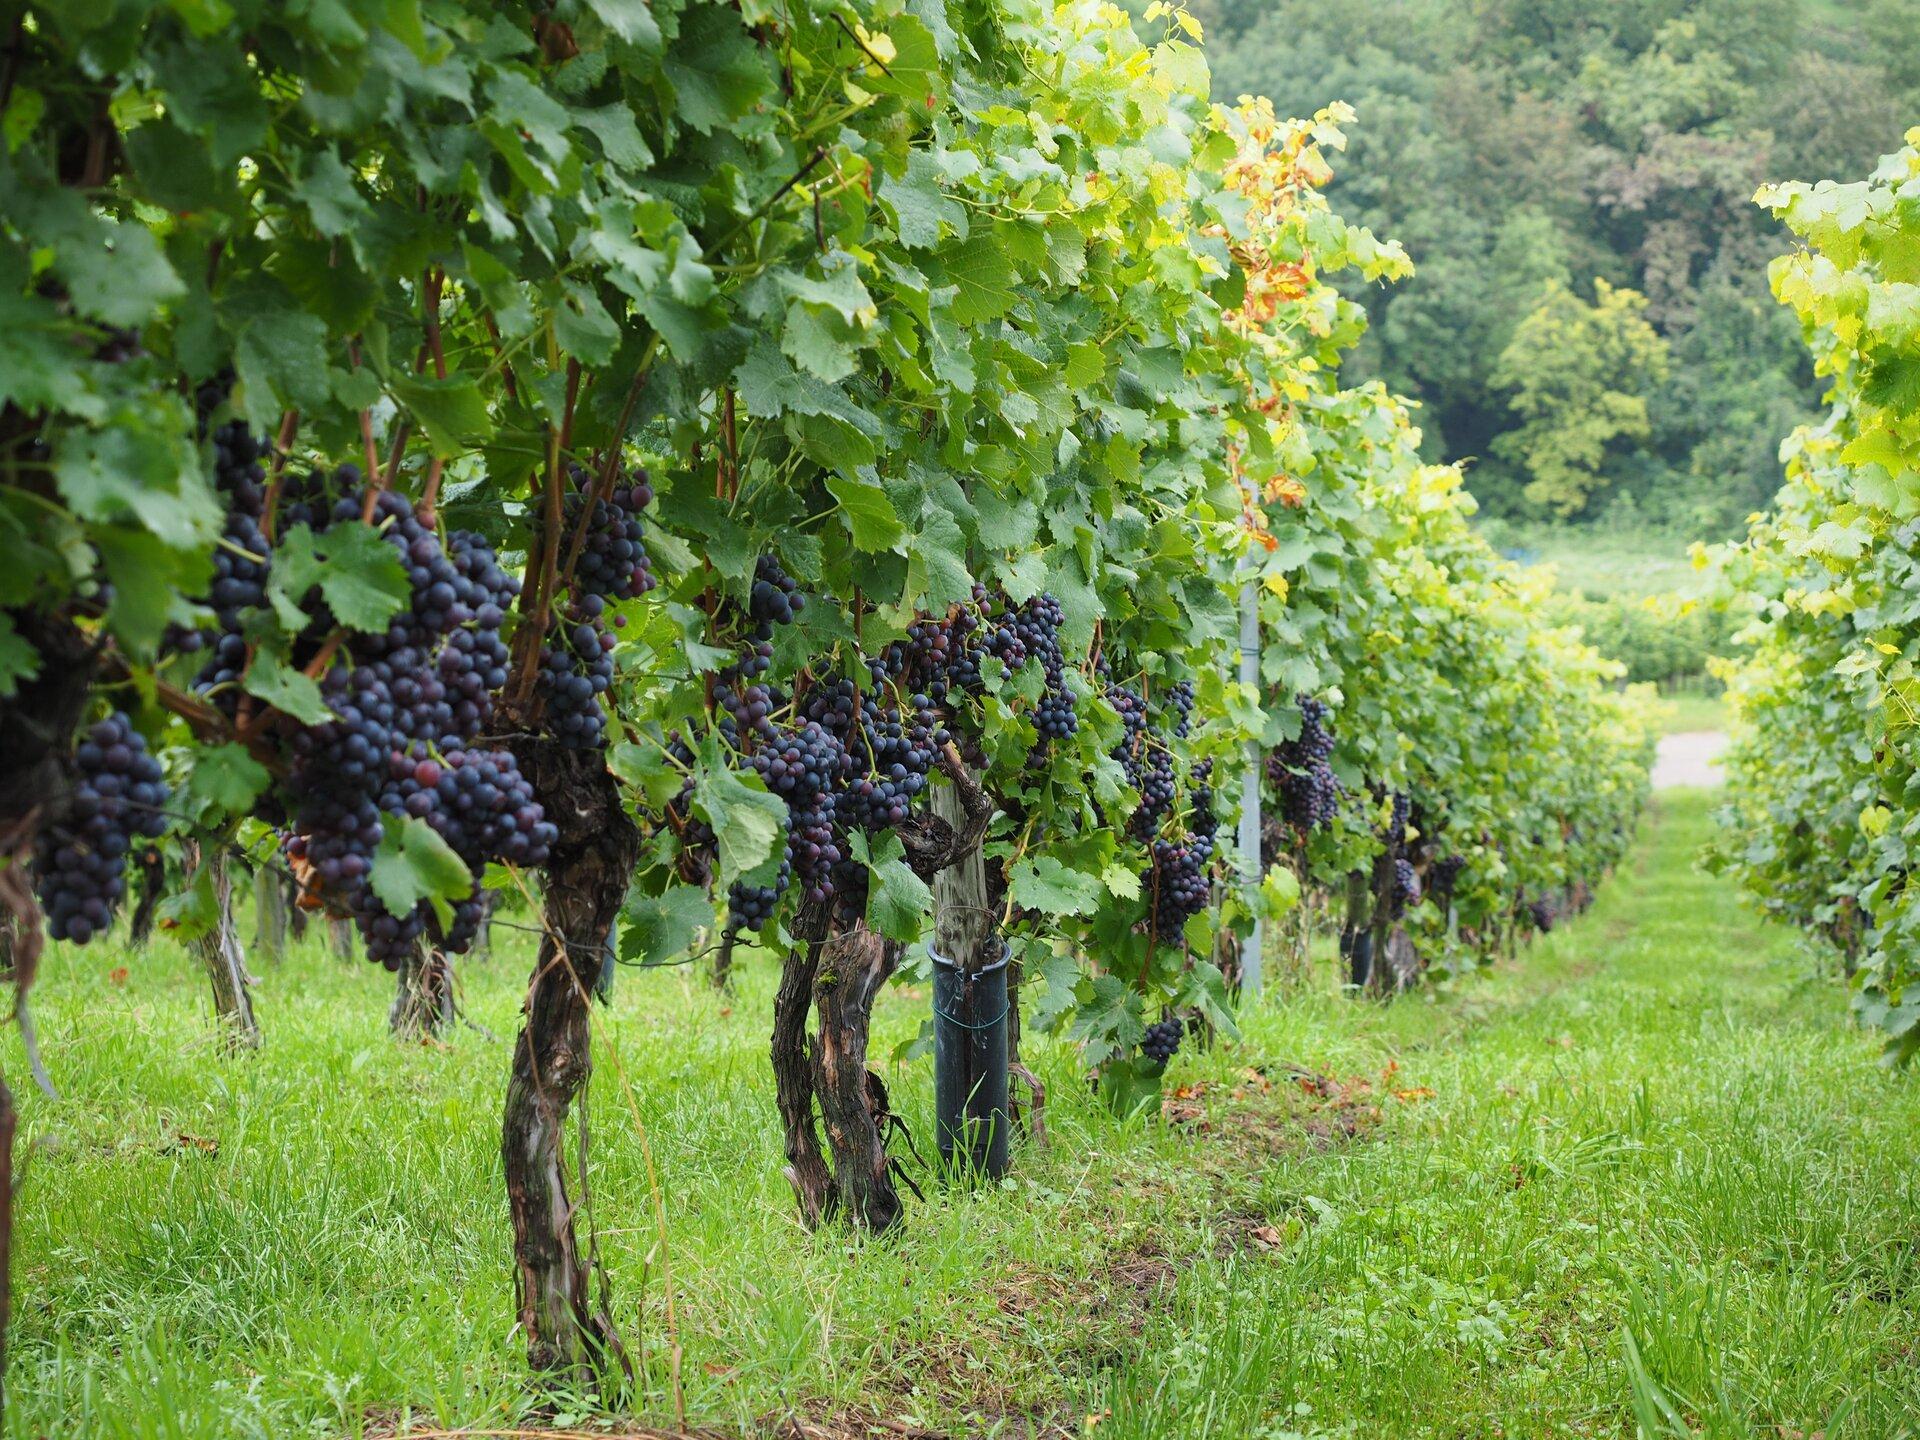 Fotografia prezentuje winnice zdojrzałymi winogronami. Na pierwszym planie widoczny rząd winorośli zktórych zwisają dojrzałe, granatowe kiście winogron.